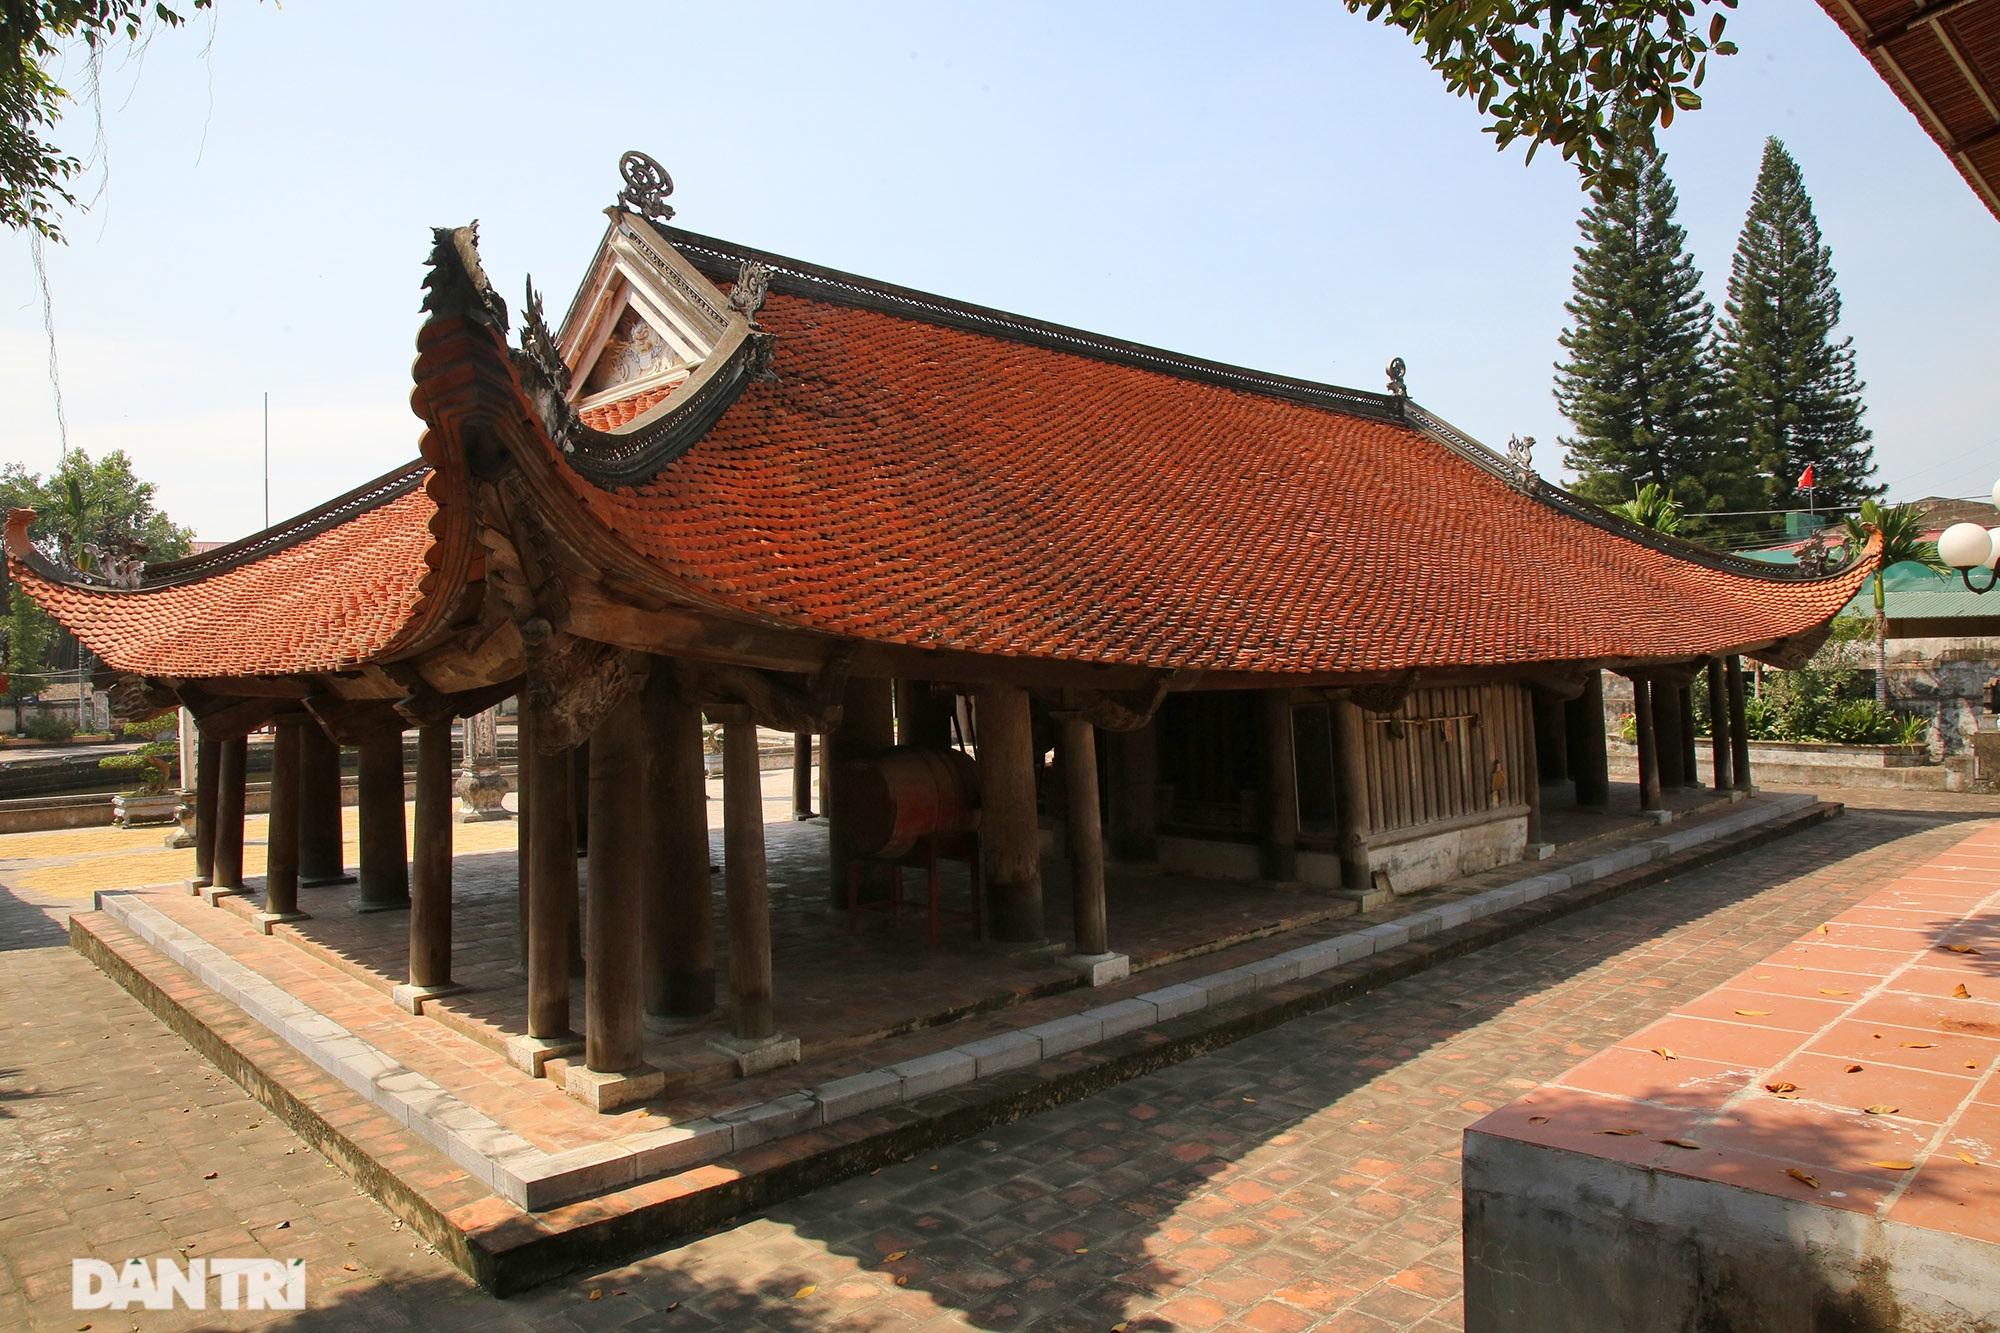 Chiêm ngưỡng tuyệt tác chạm khắc hơn 400 năm tuổi tại Hà Nội - 3